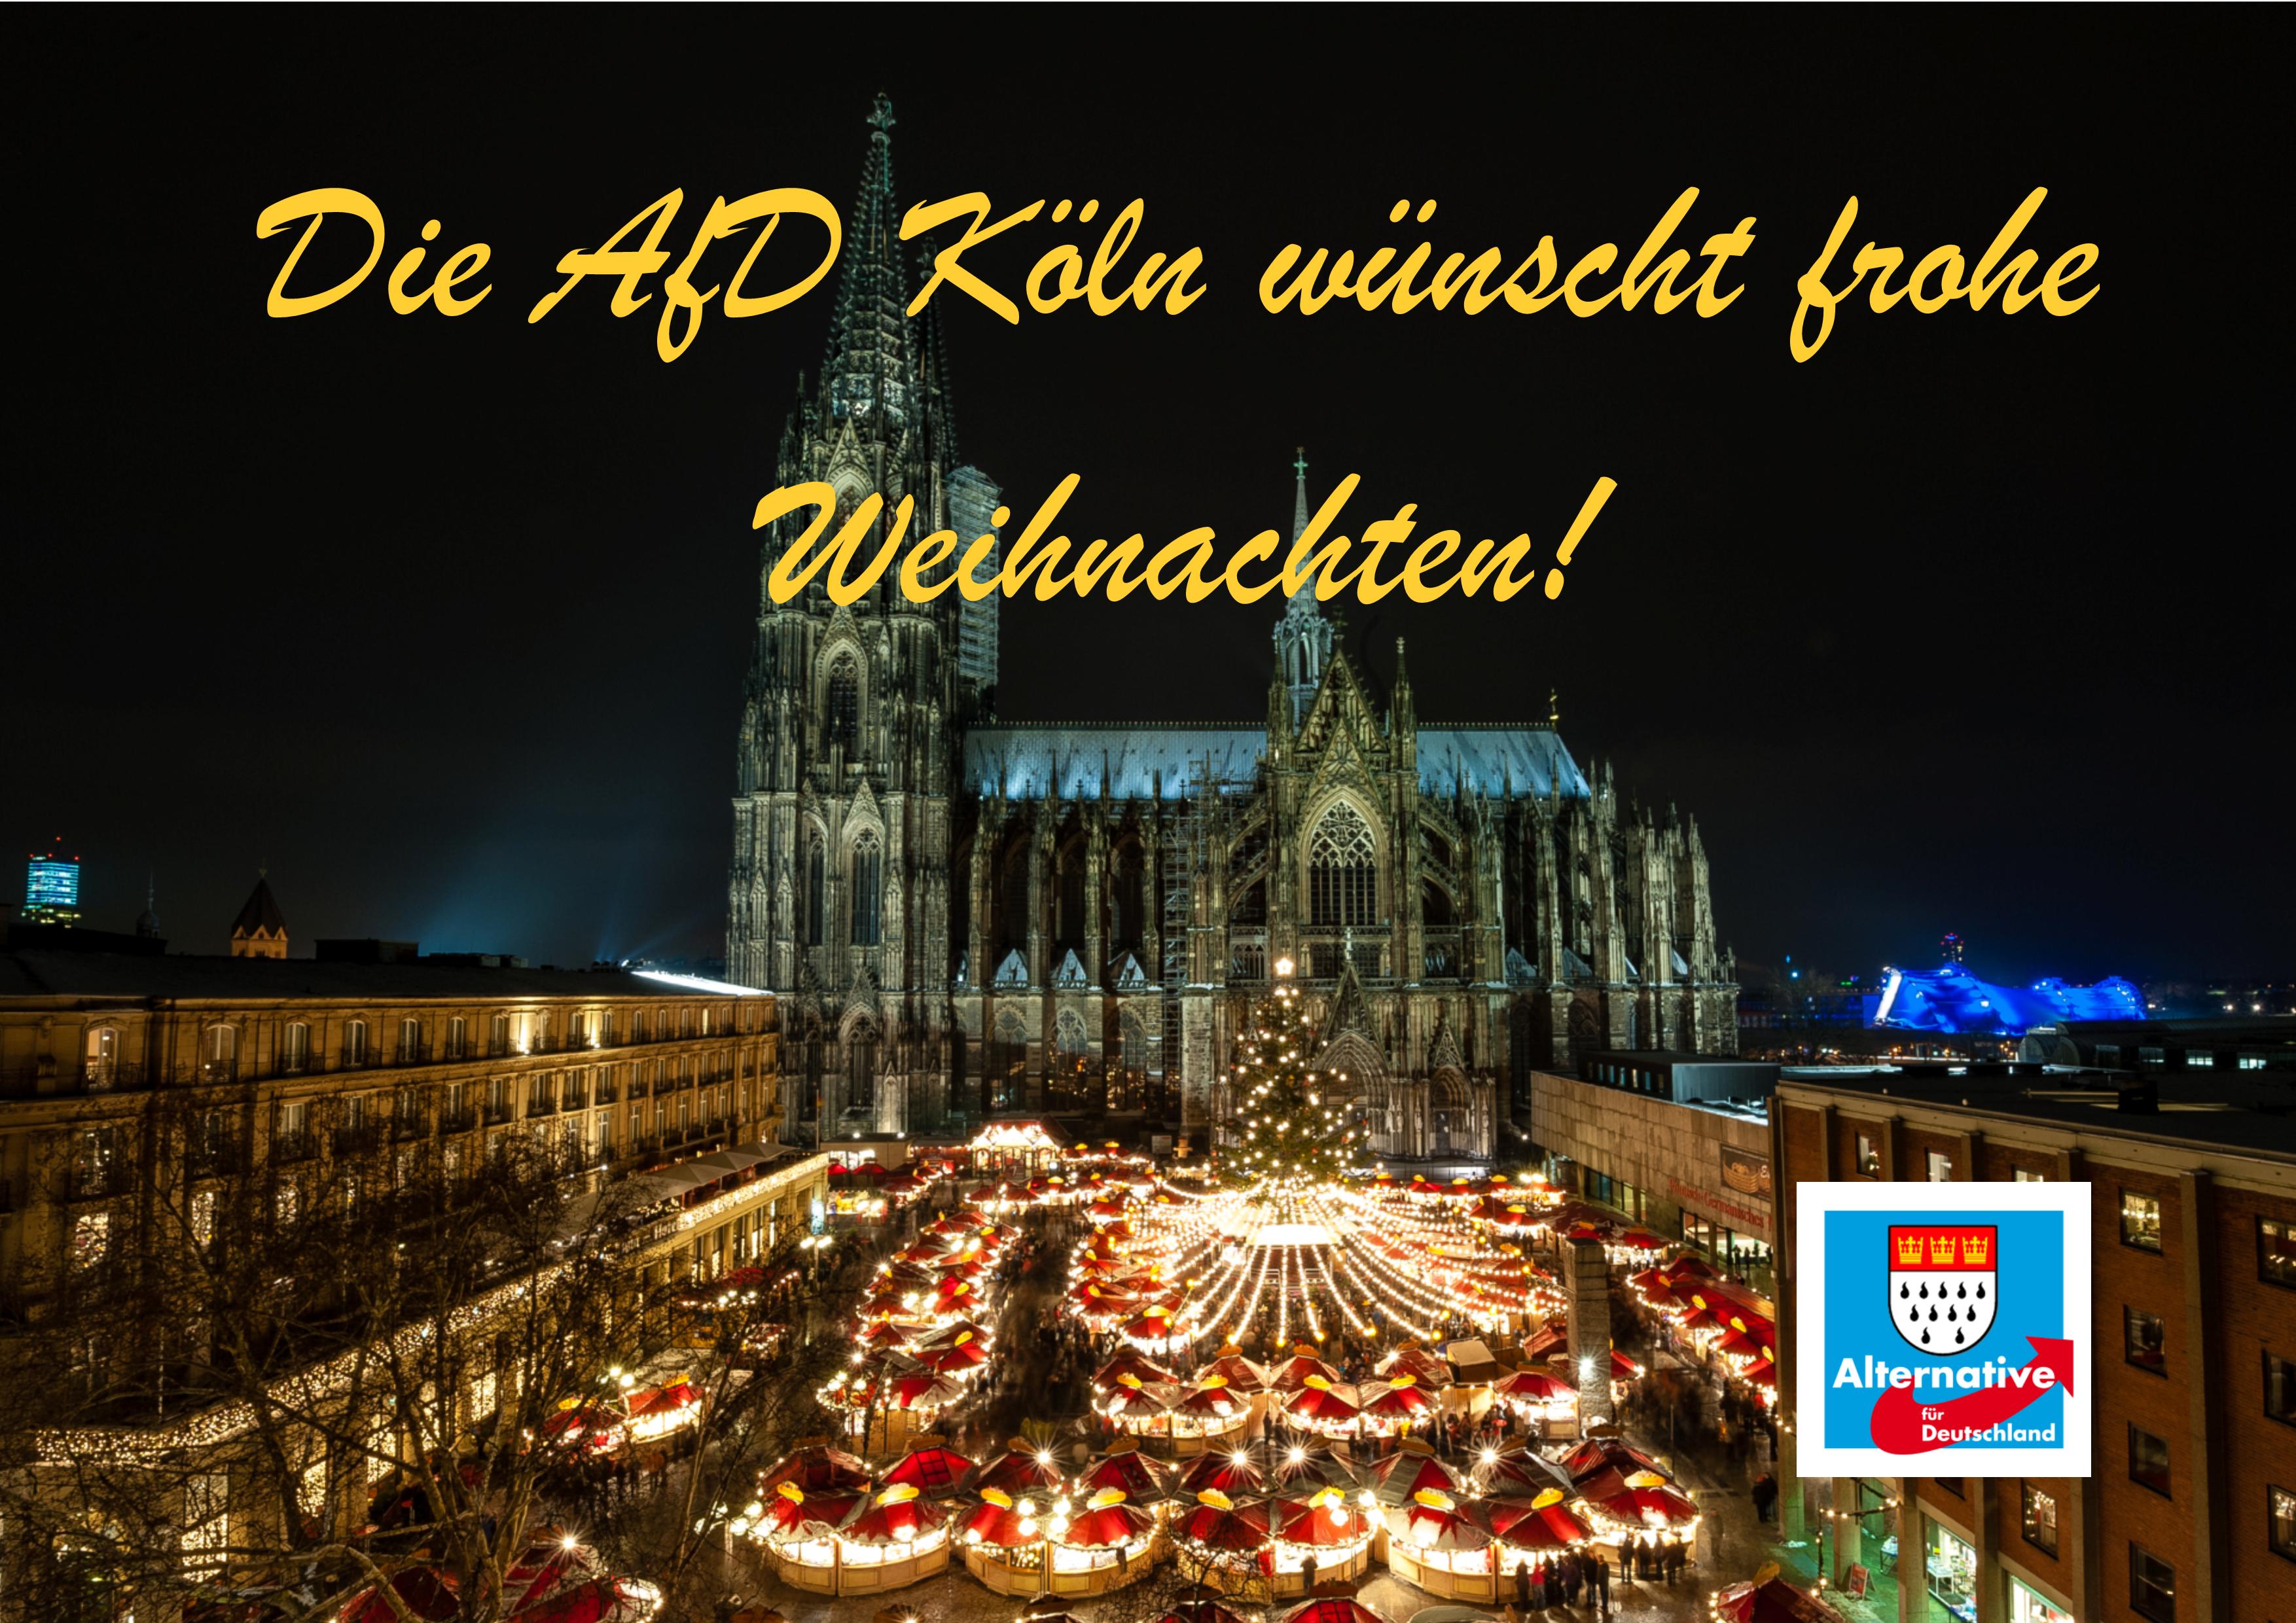 Frohe Weihnachten Aus Deutschland.Frohe Weihnachten Afd Kreis Koln